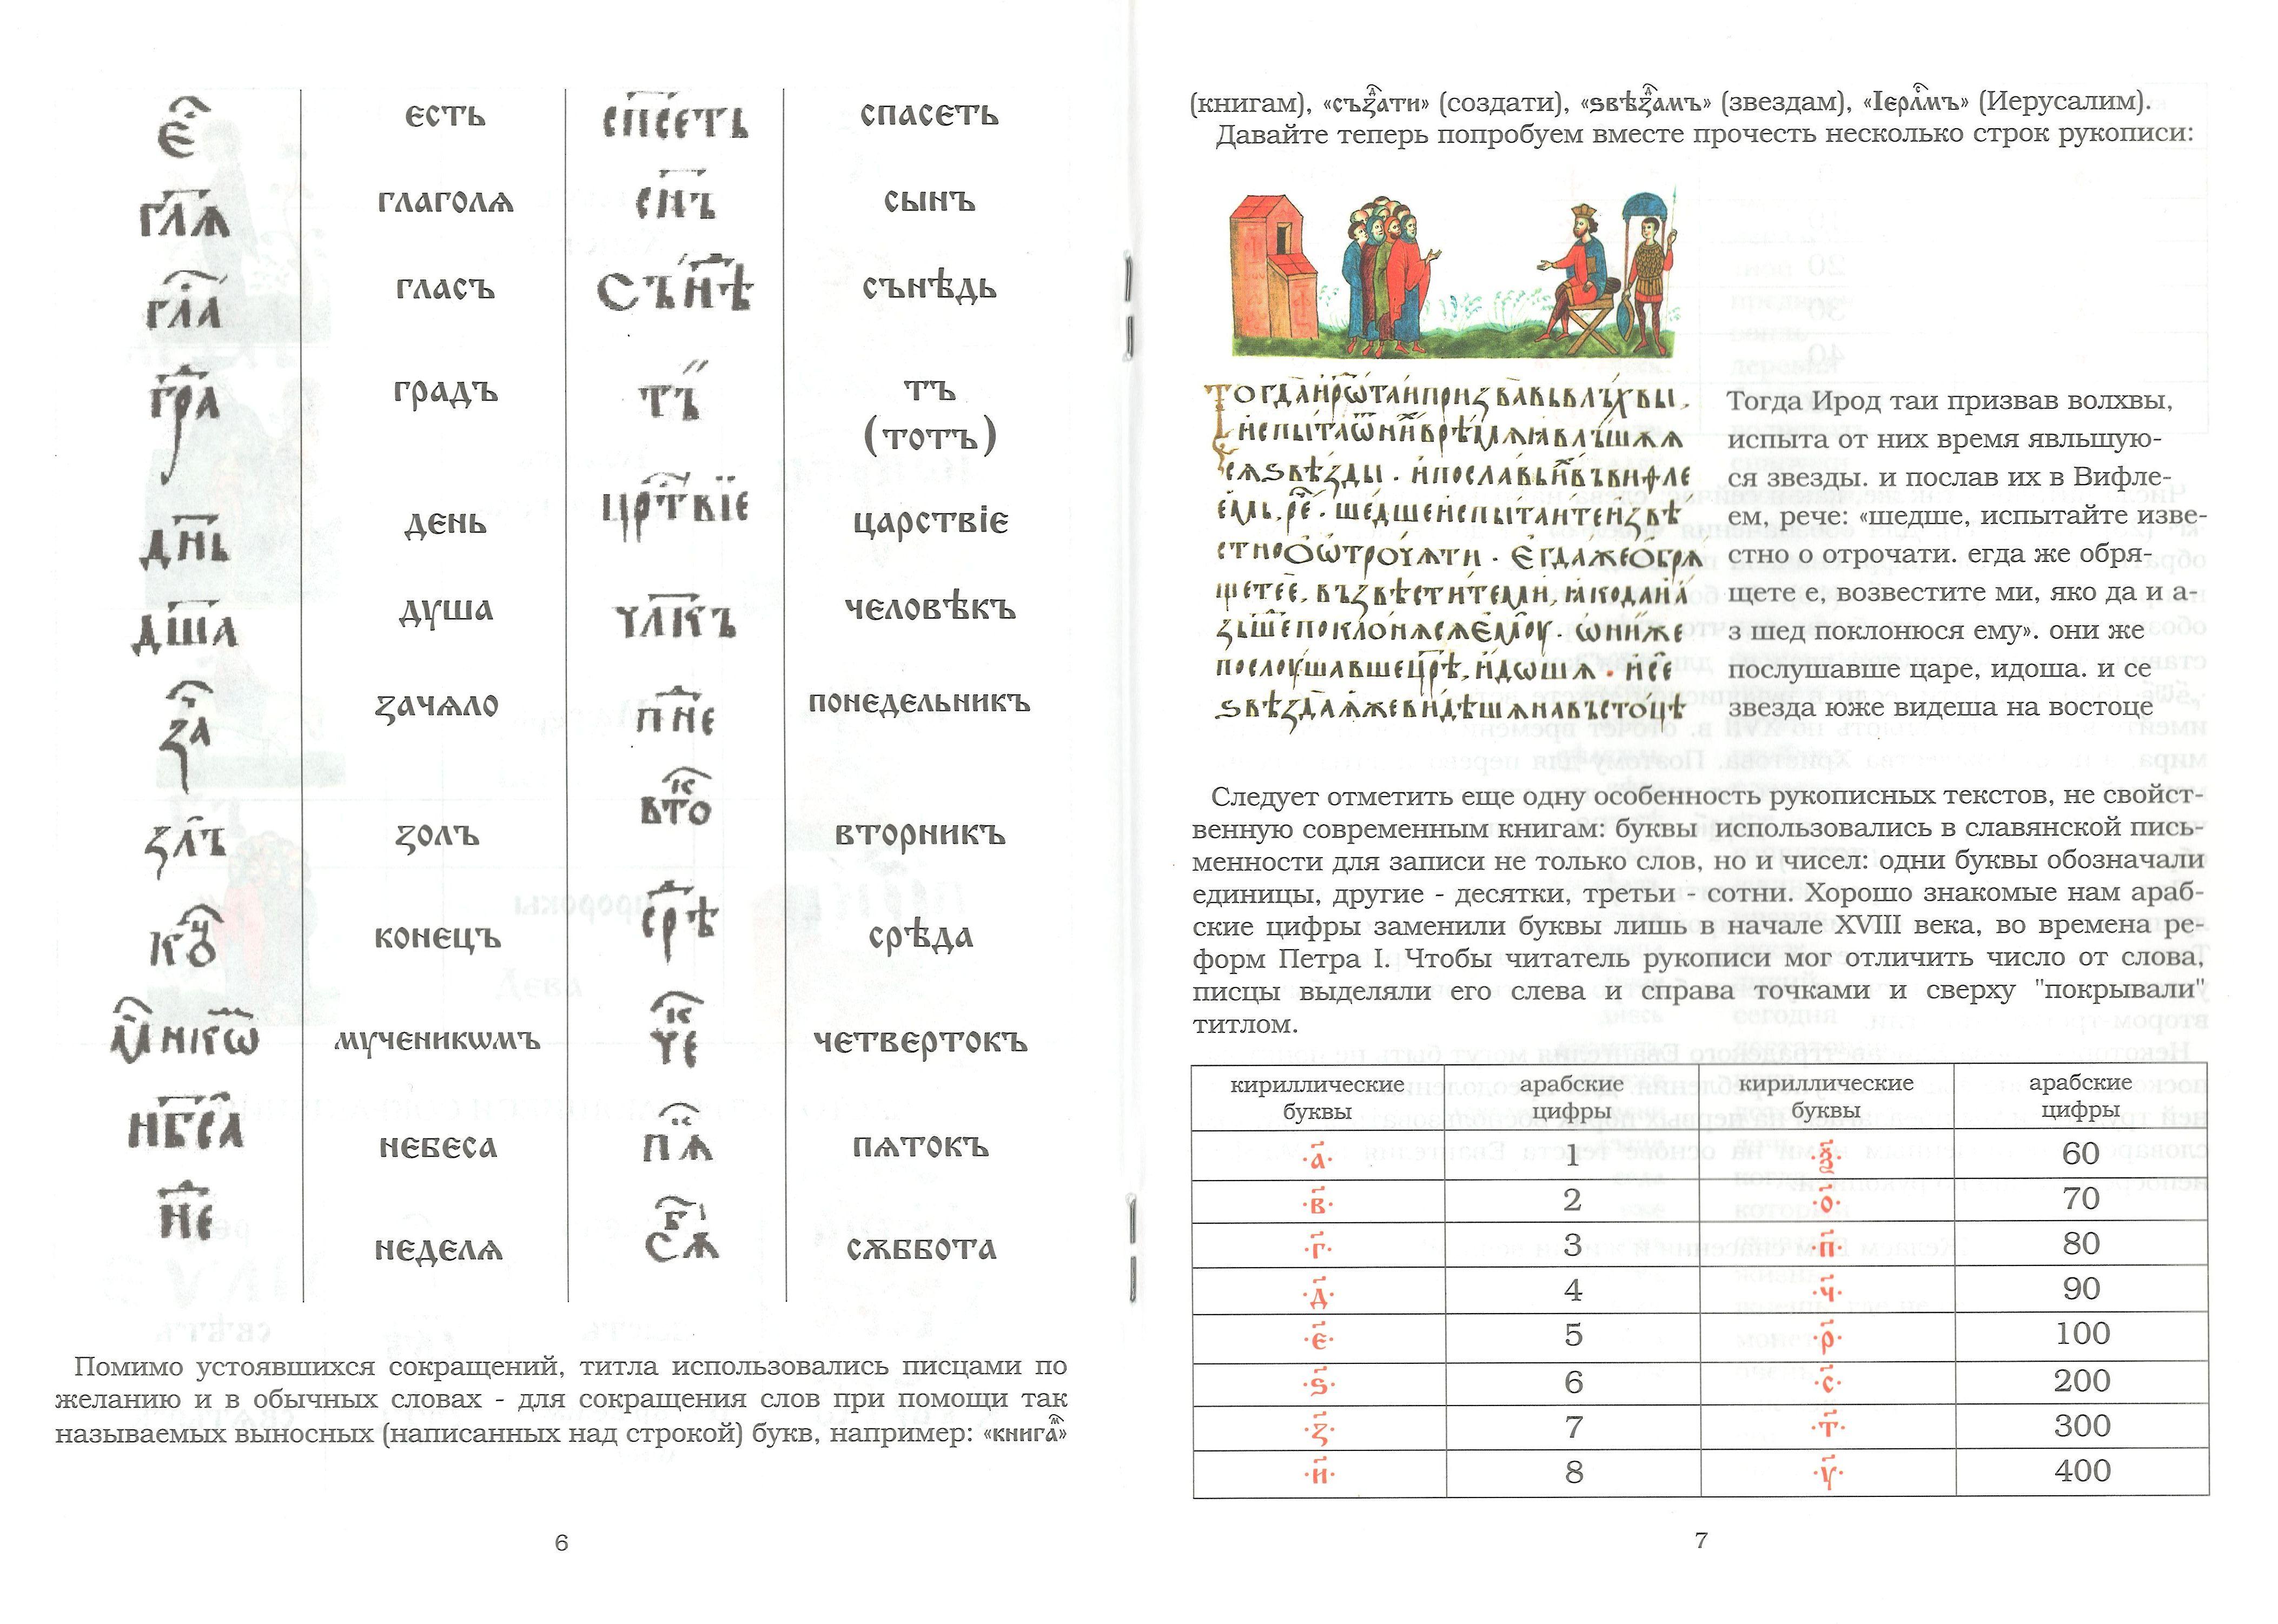 Учебник по древнеславянскому языку (инфографика, 5 фото)